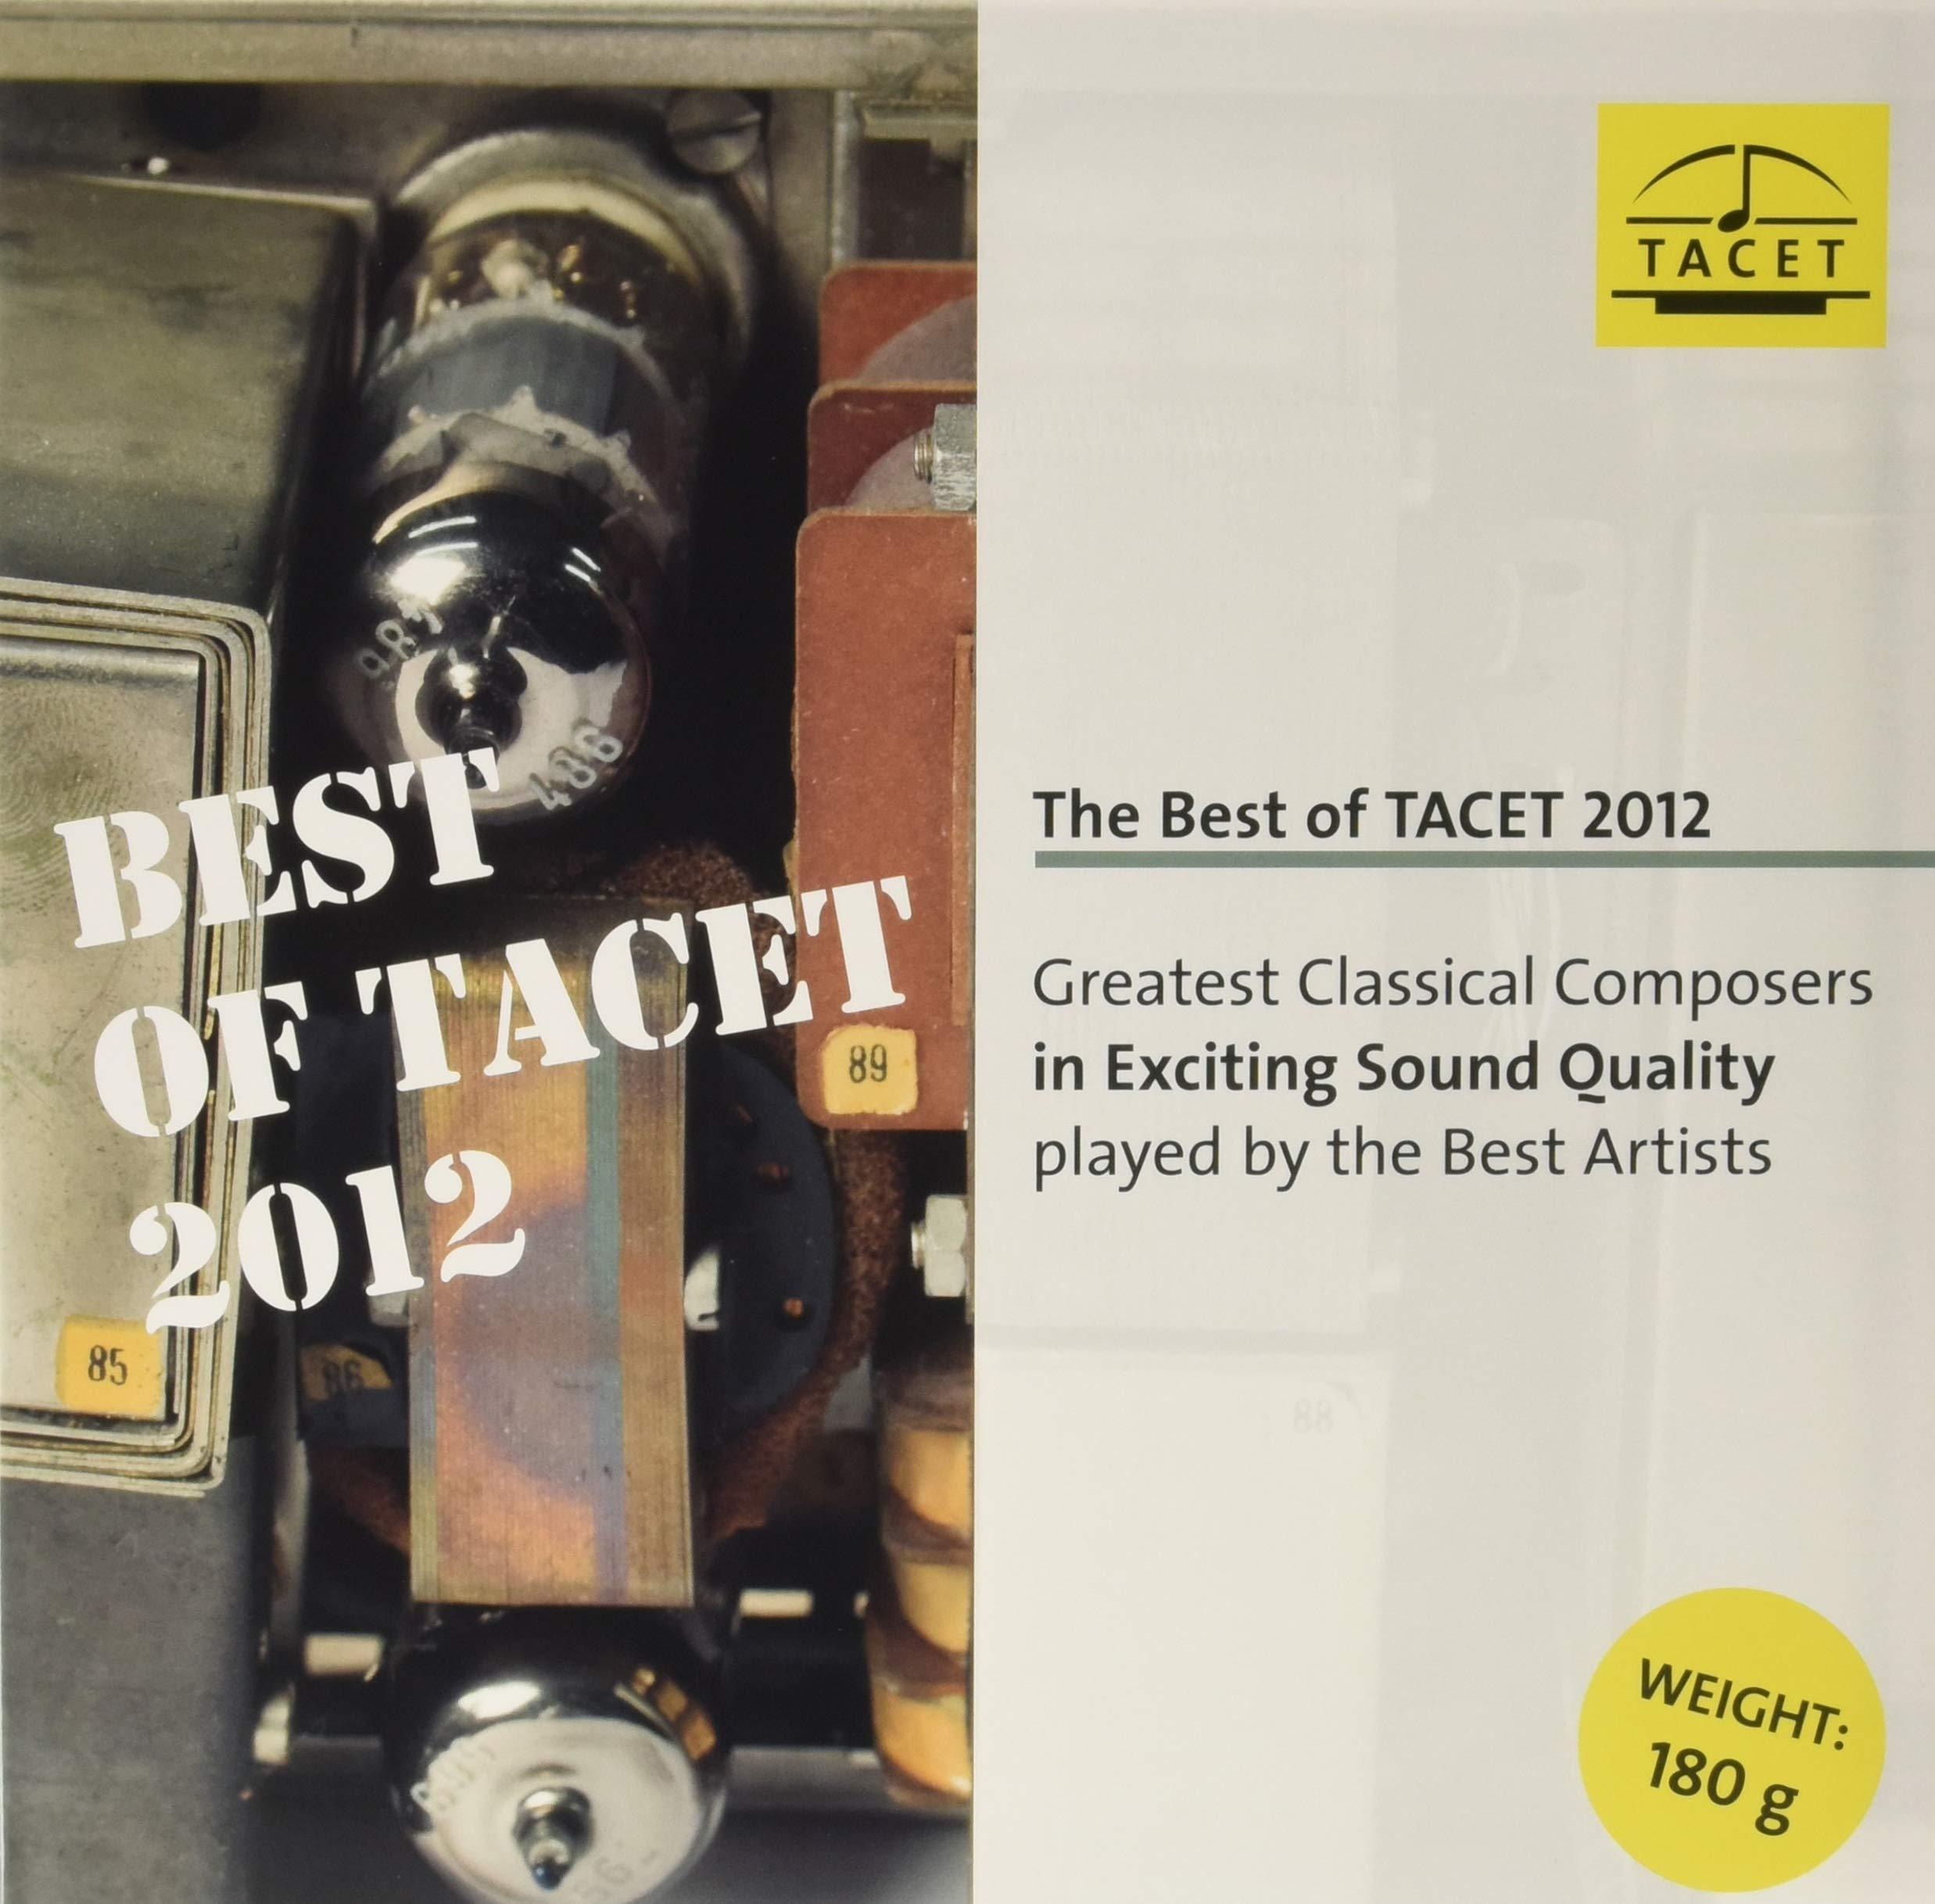 Vinilo : VARIOUS - Best Of Tacet 2012 (LP Vinyl)